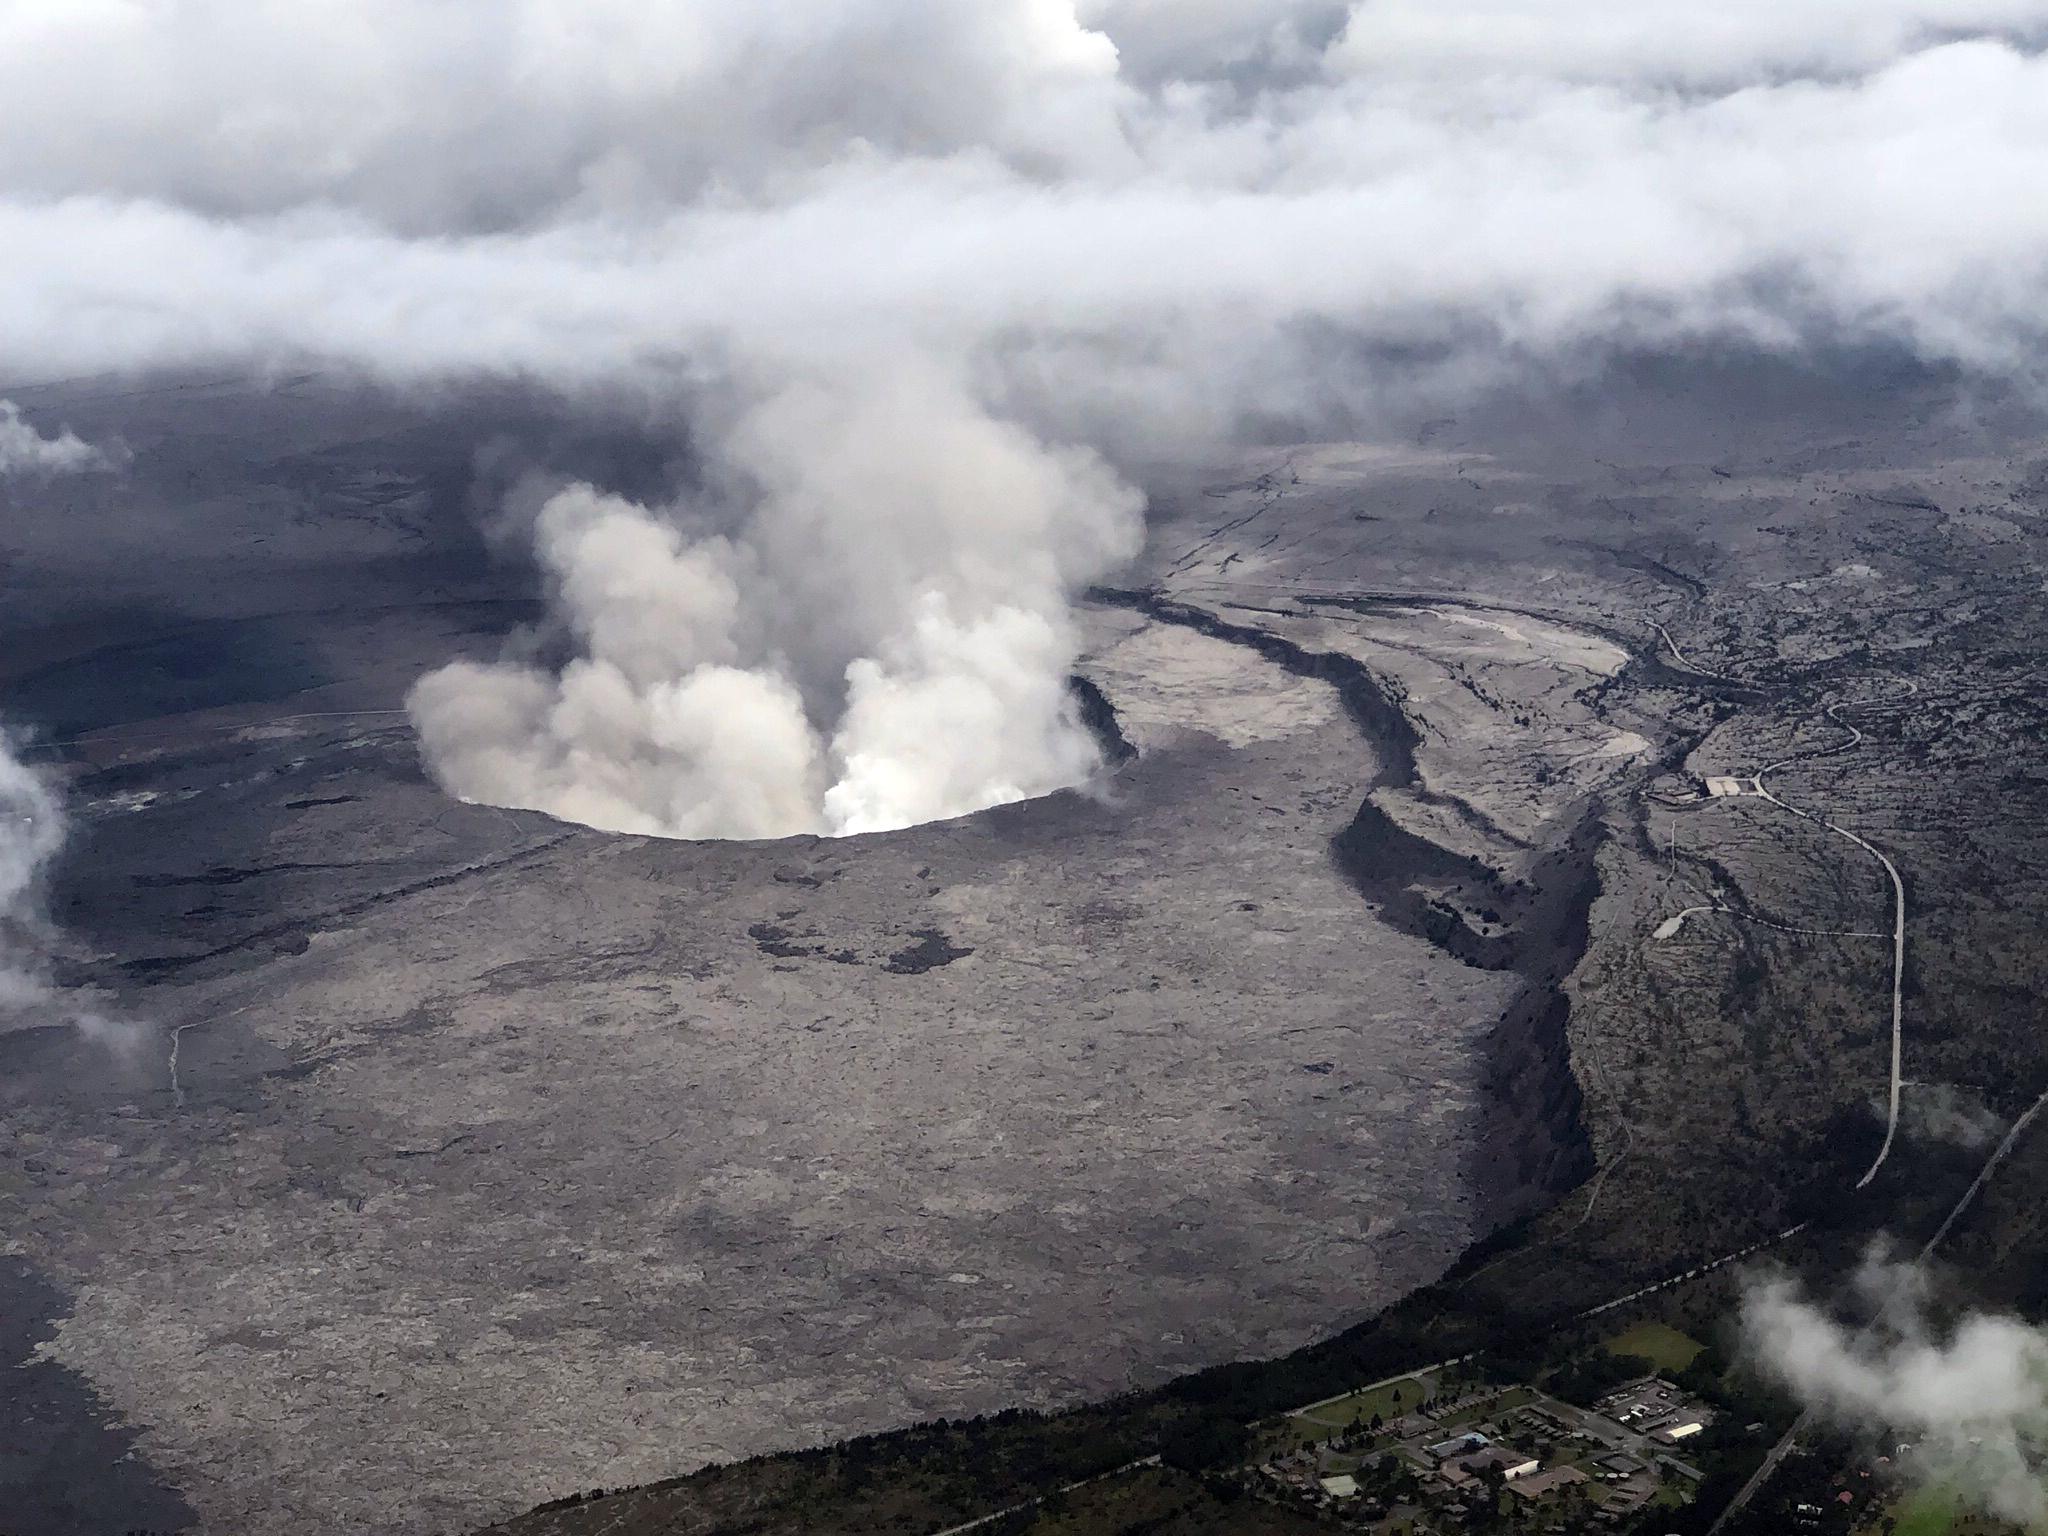 Egy amerikai katona megmászott egy hawaii vulkánt, véletlenül beleesett, de túlélte